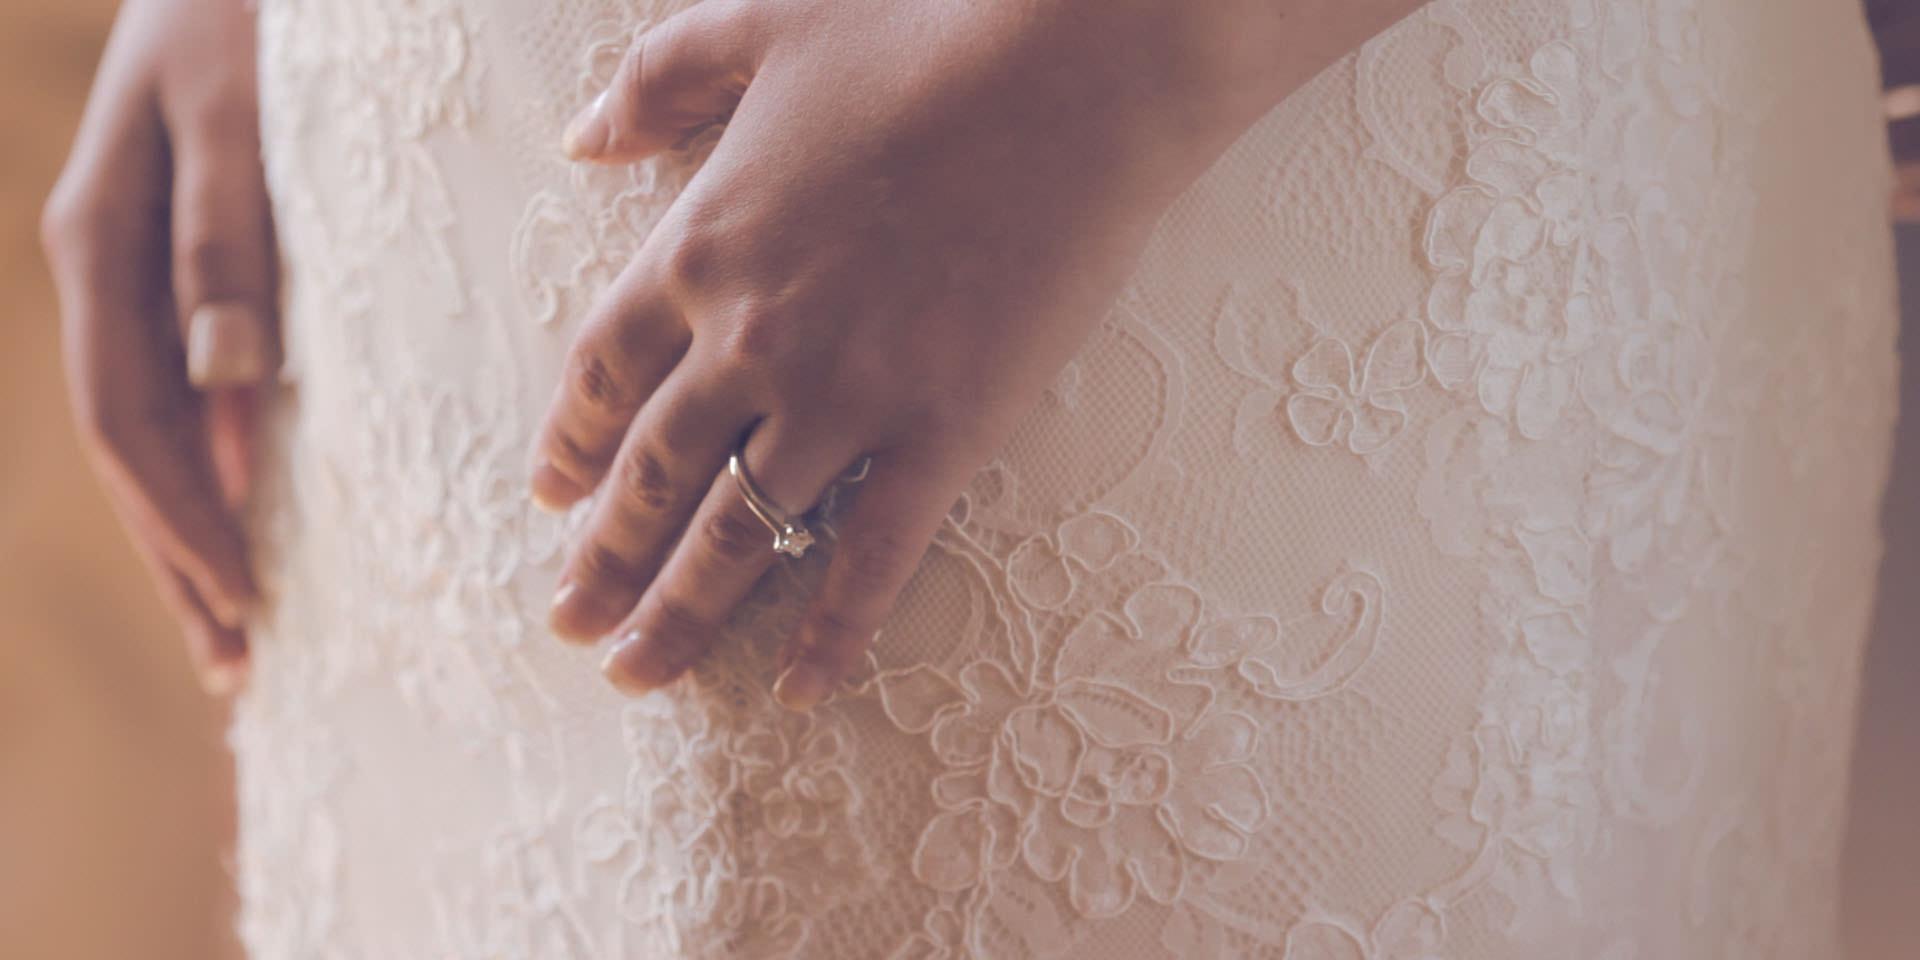 wedding story.00_02_35_16.Still003.jpg